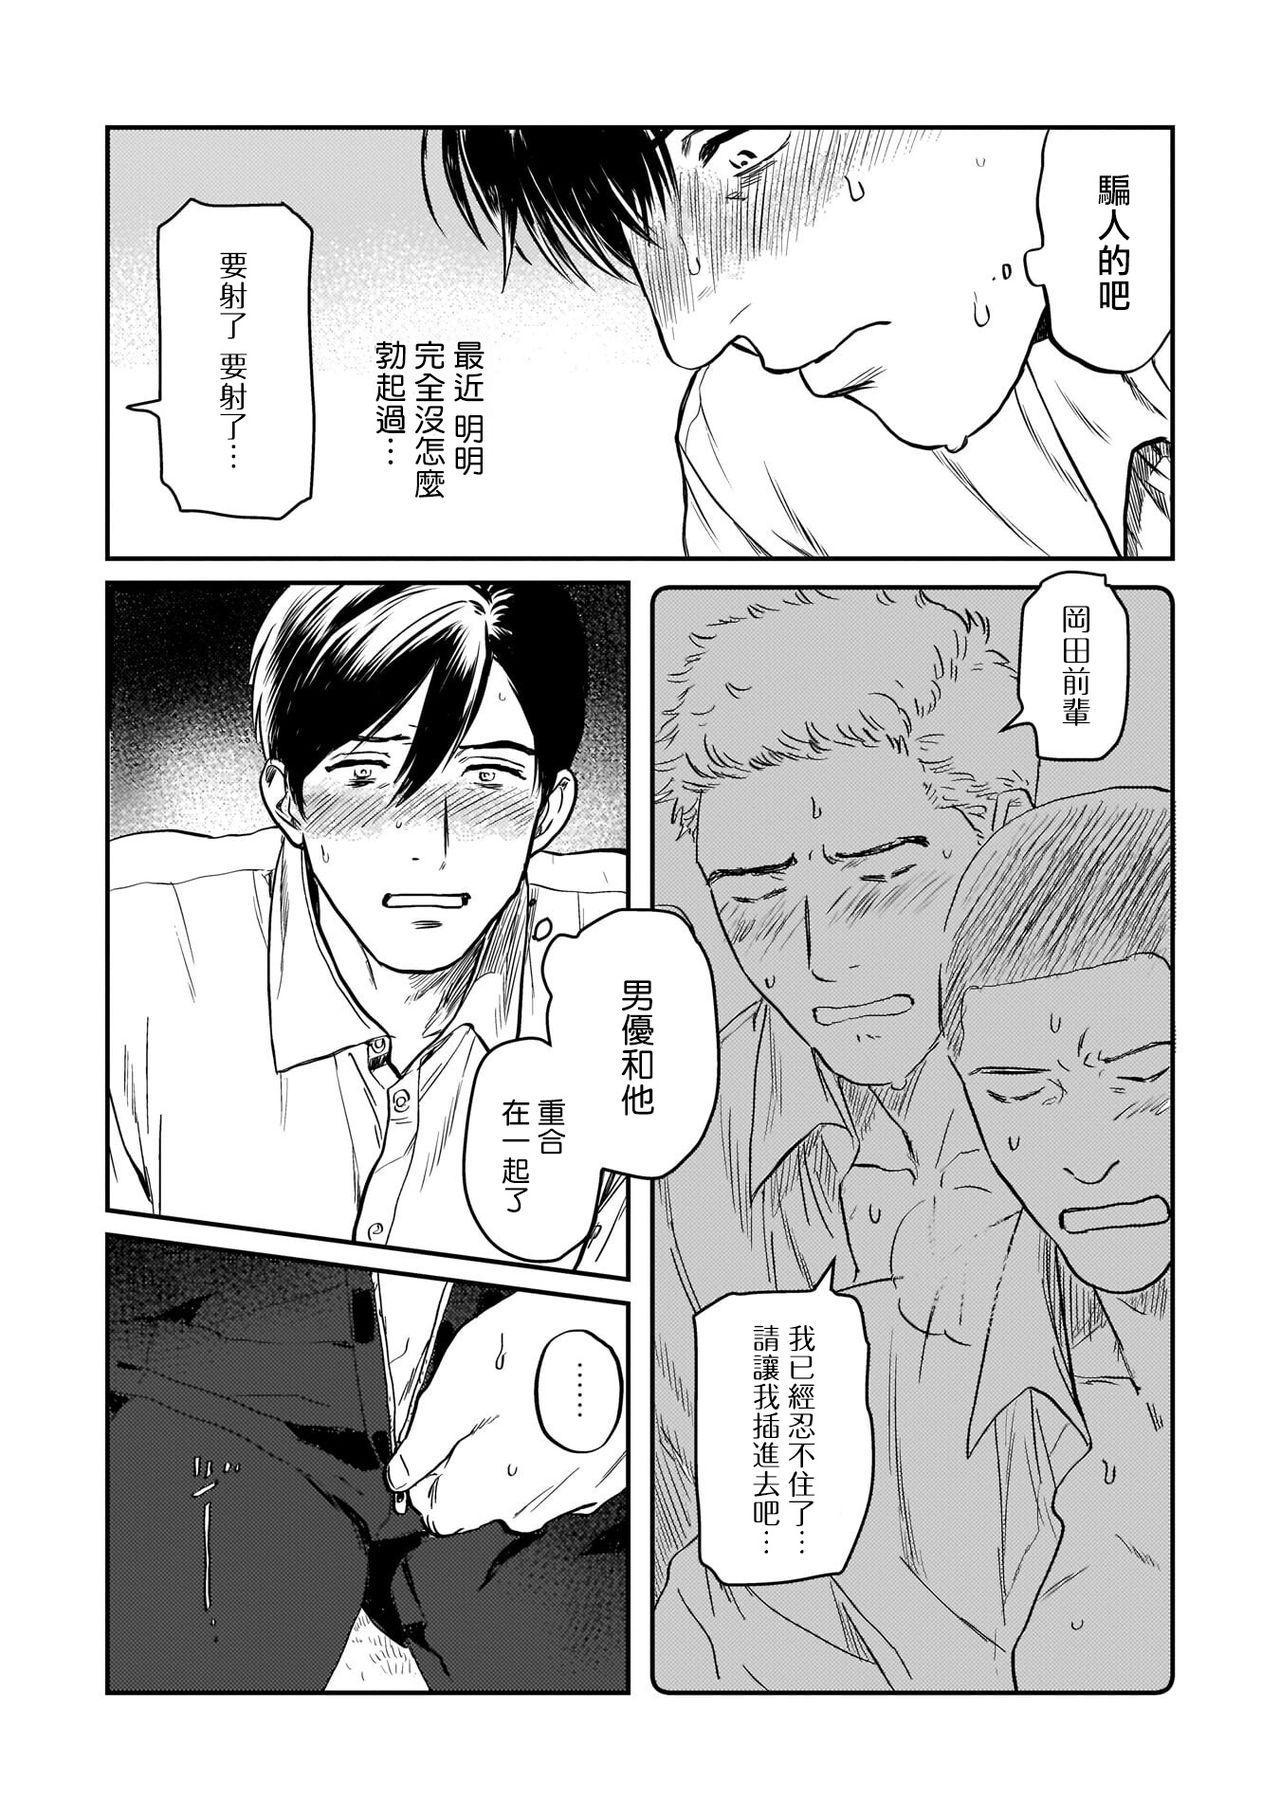 Kouhai no Oppai ga Suki Sugiru | 我太喜欢后辈的奶子了 Ch. 1-2 24